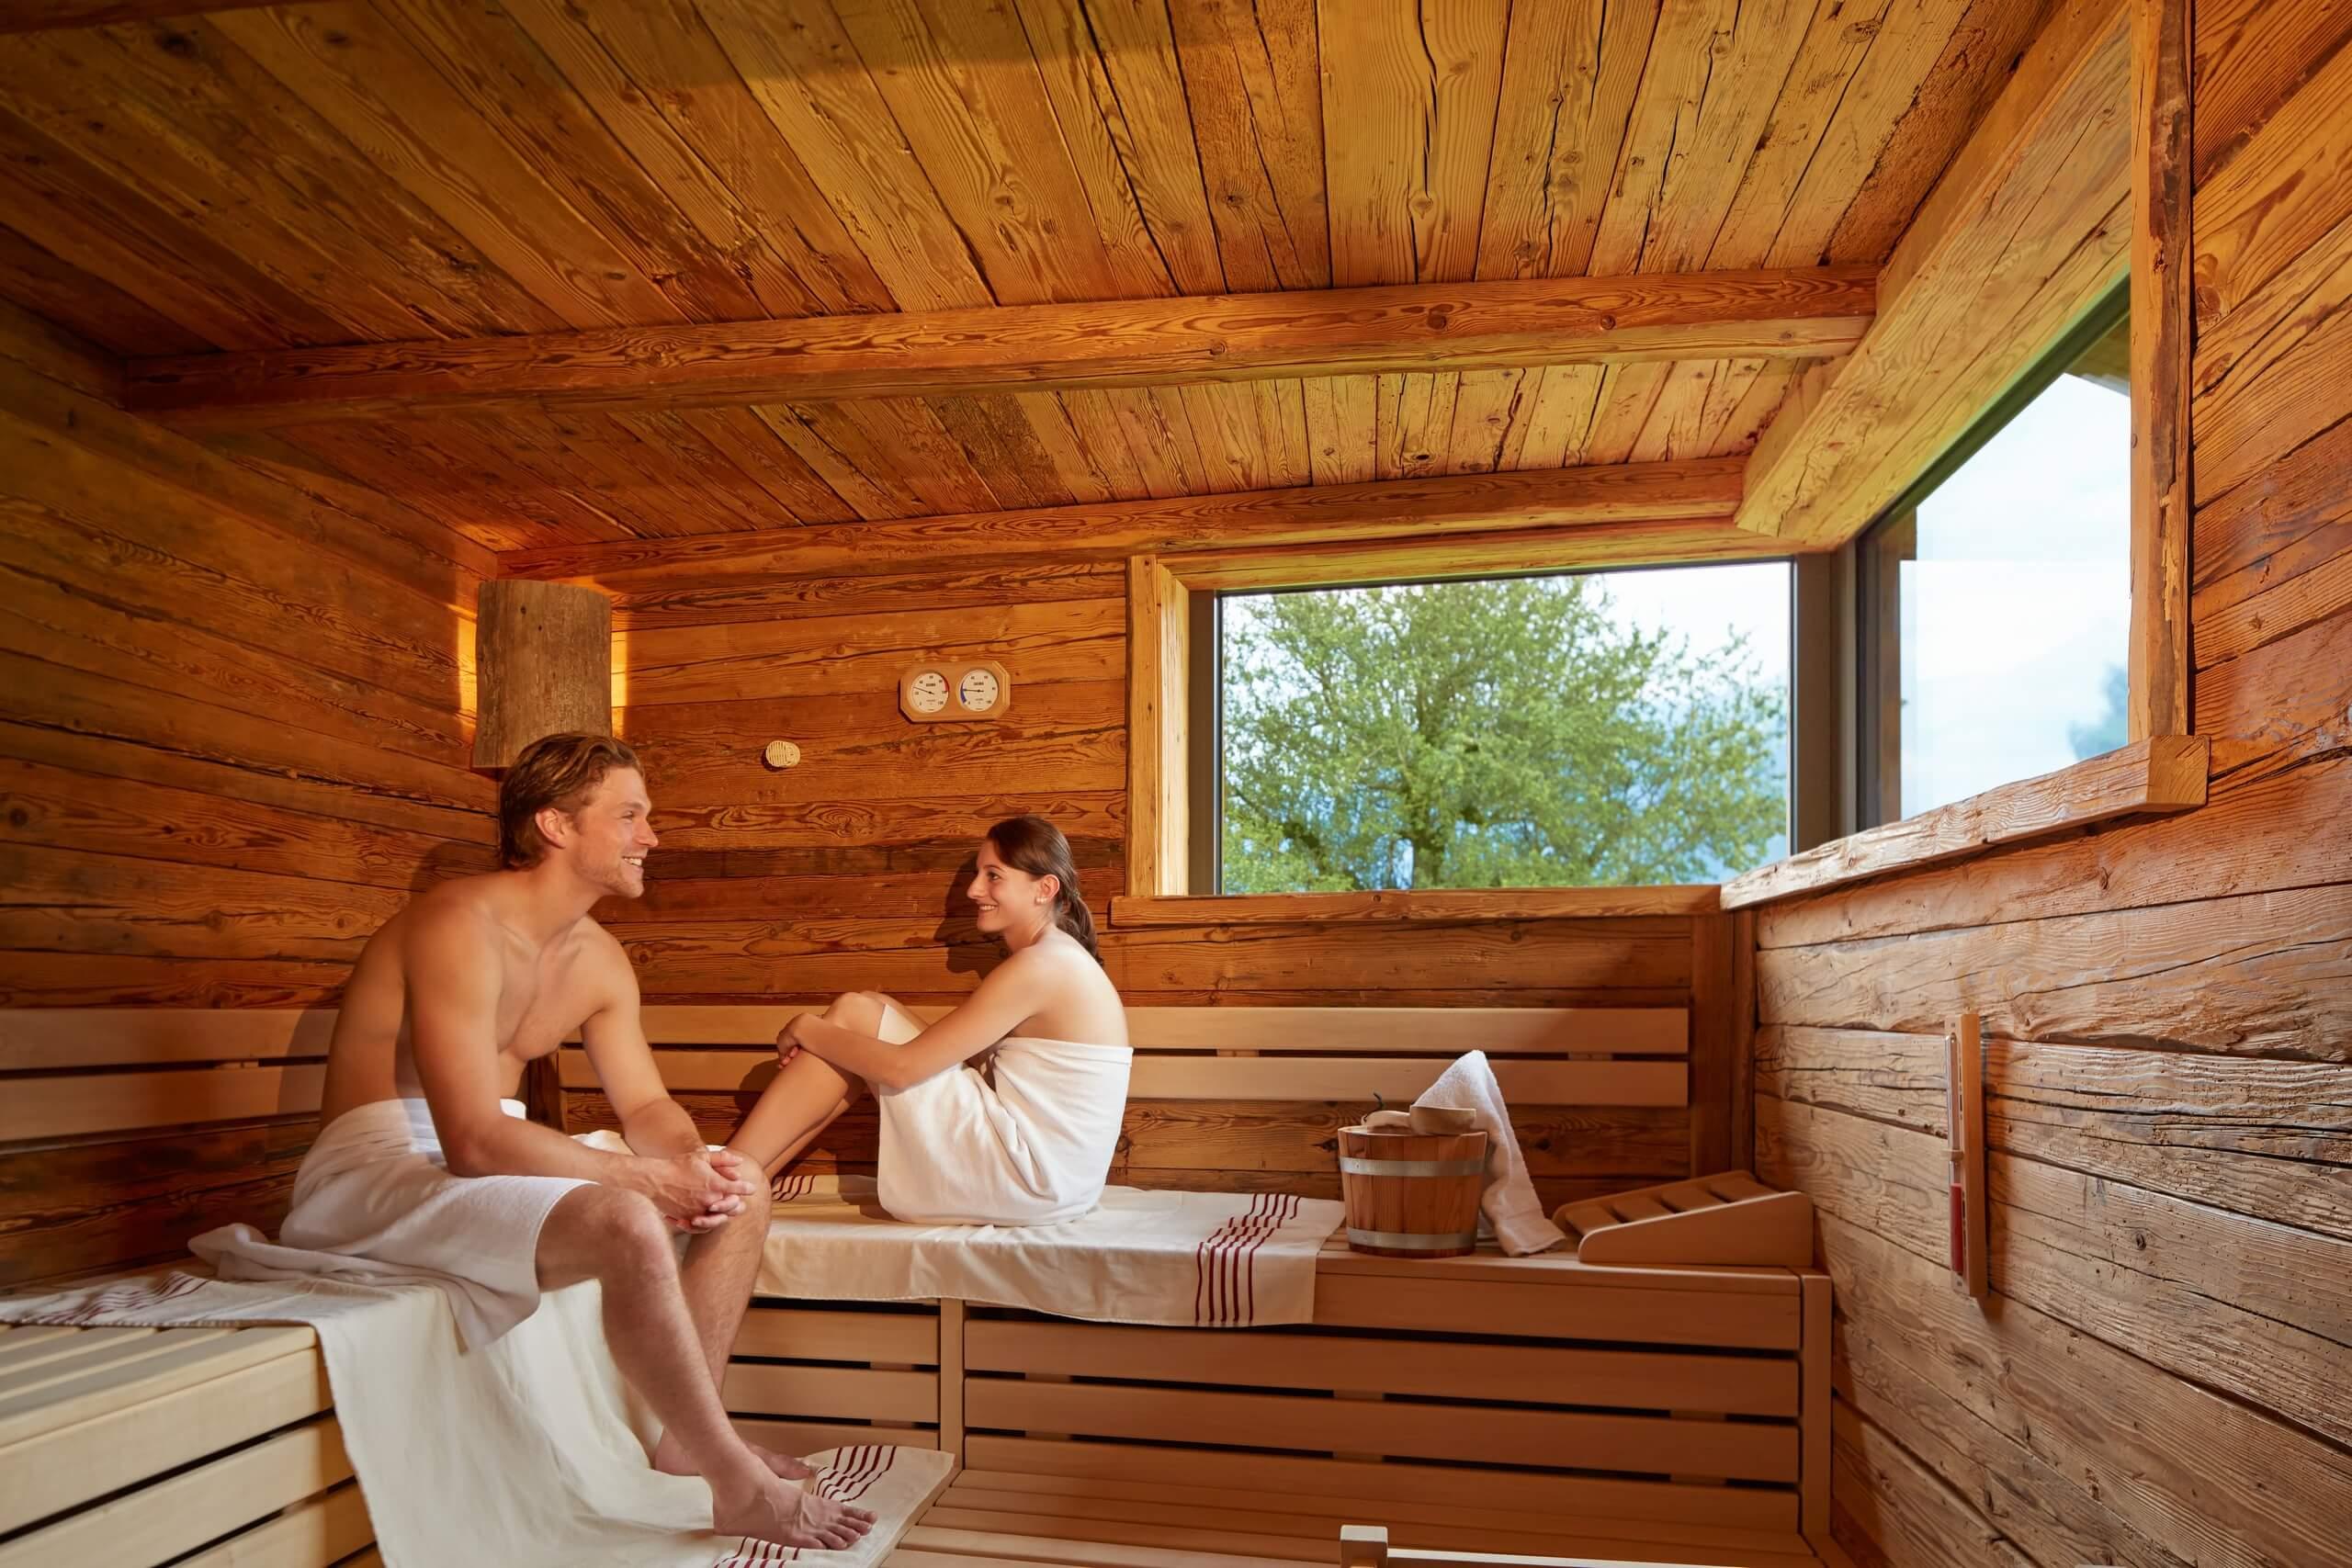 salzano-spa-sauna-wellness